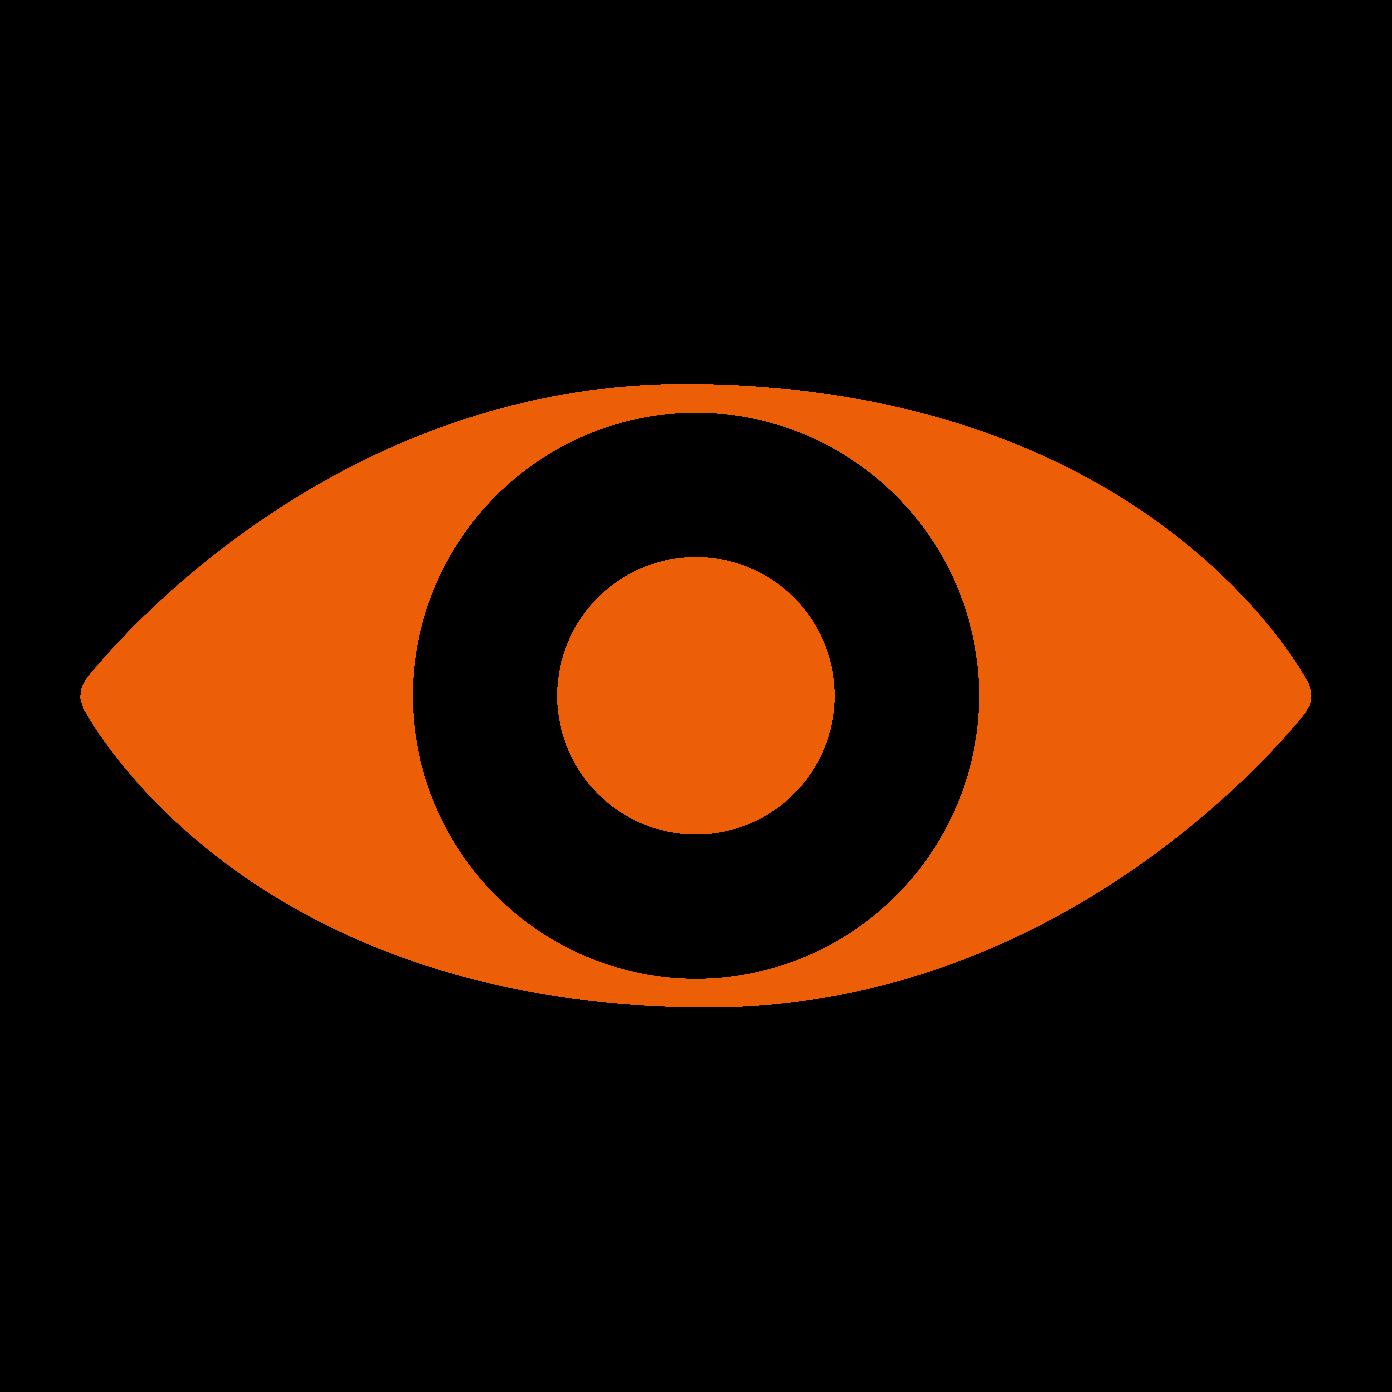 logo(11).png